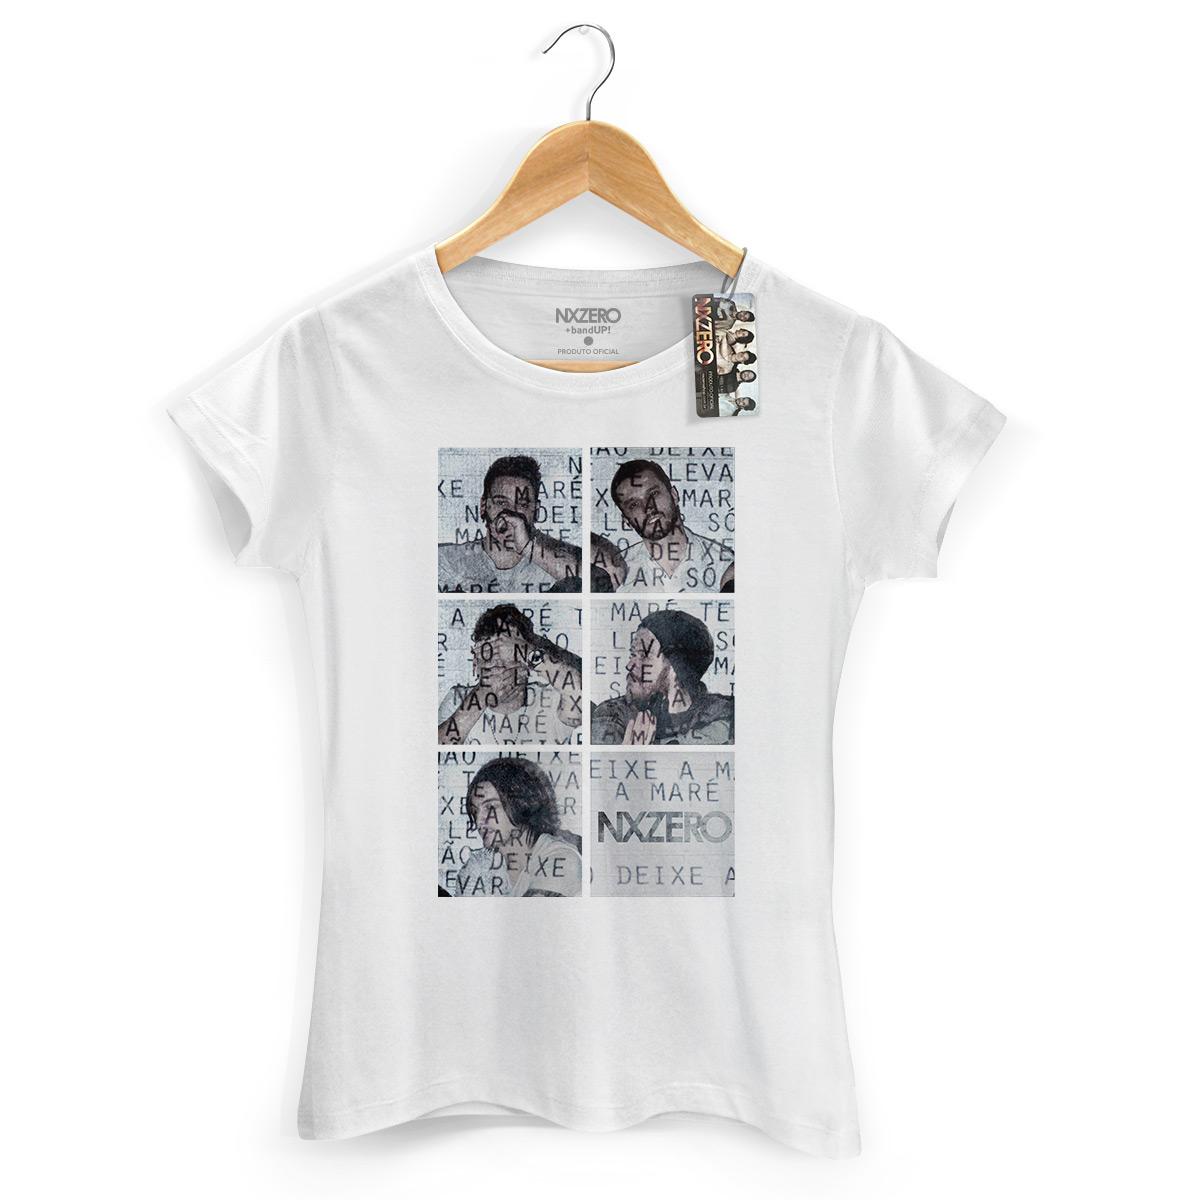 Camiseta Feminina NXZero Nao Deixe a Mare Te Levar Branca